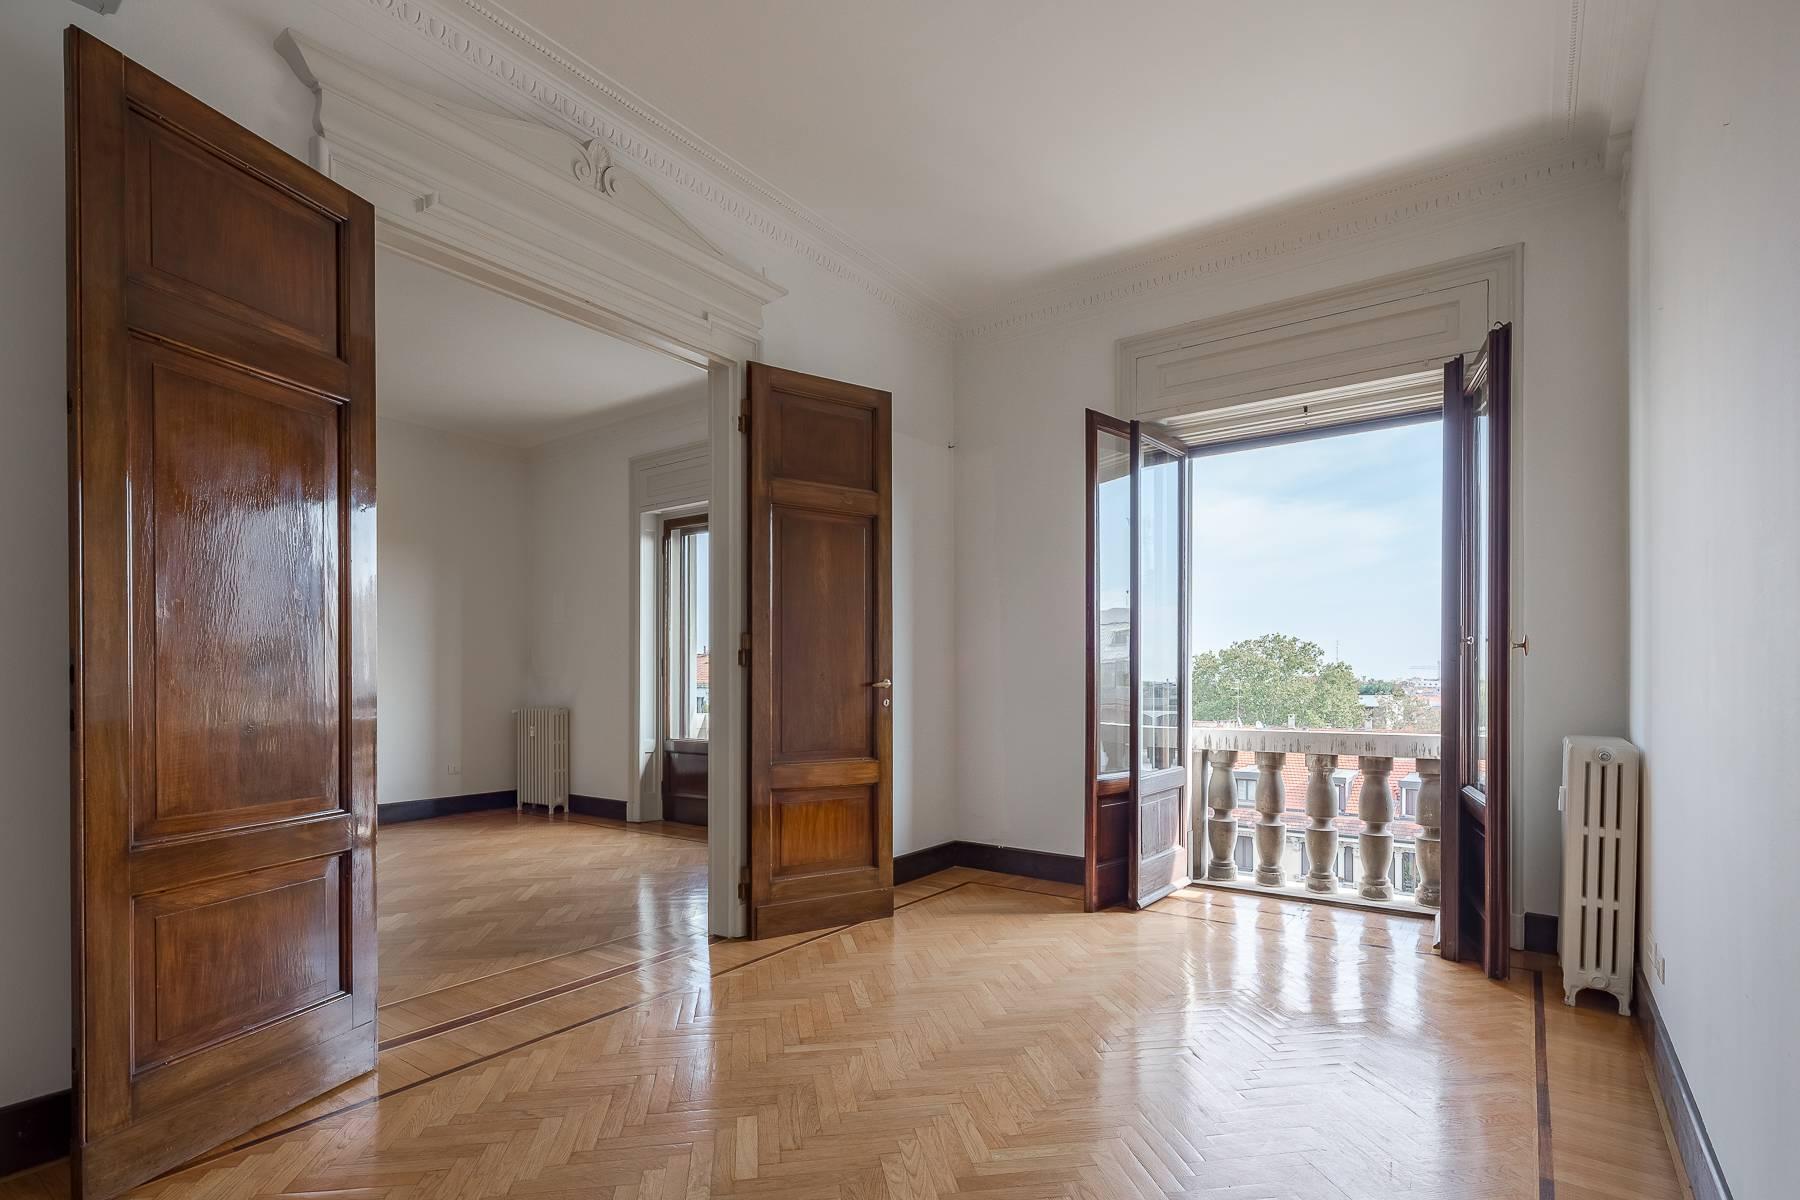 Charming period apartment in Viale Majno - 3